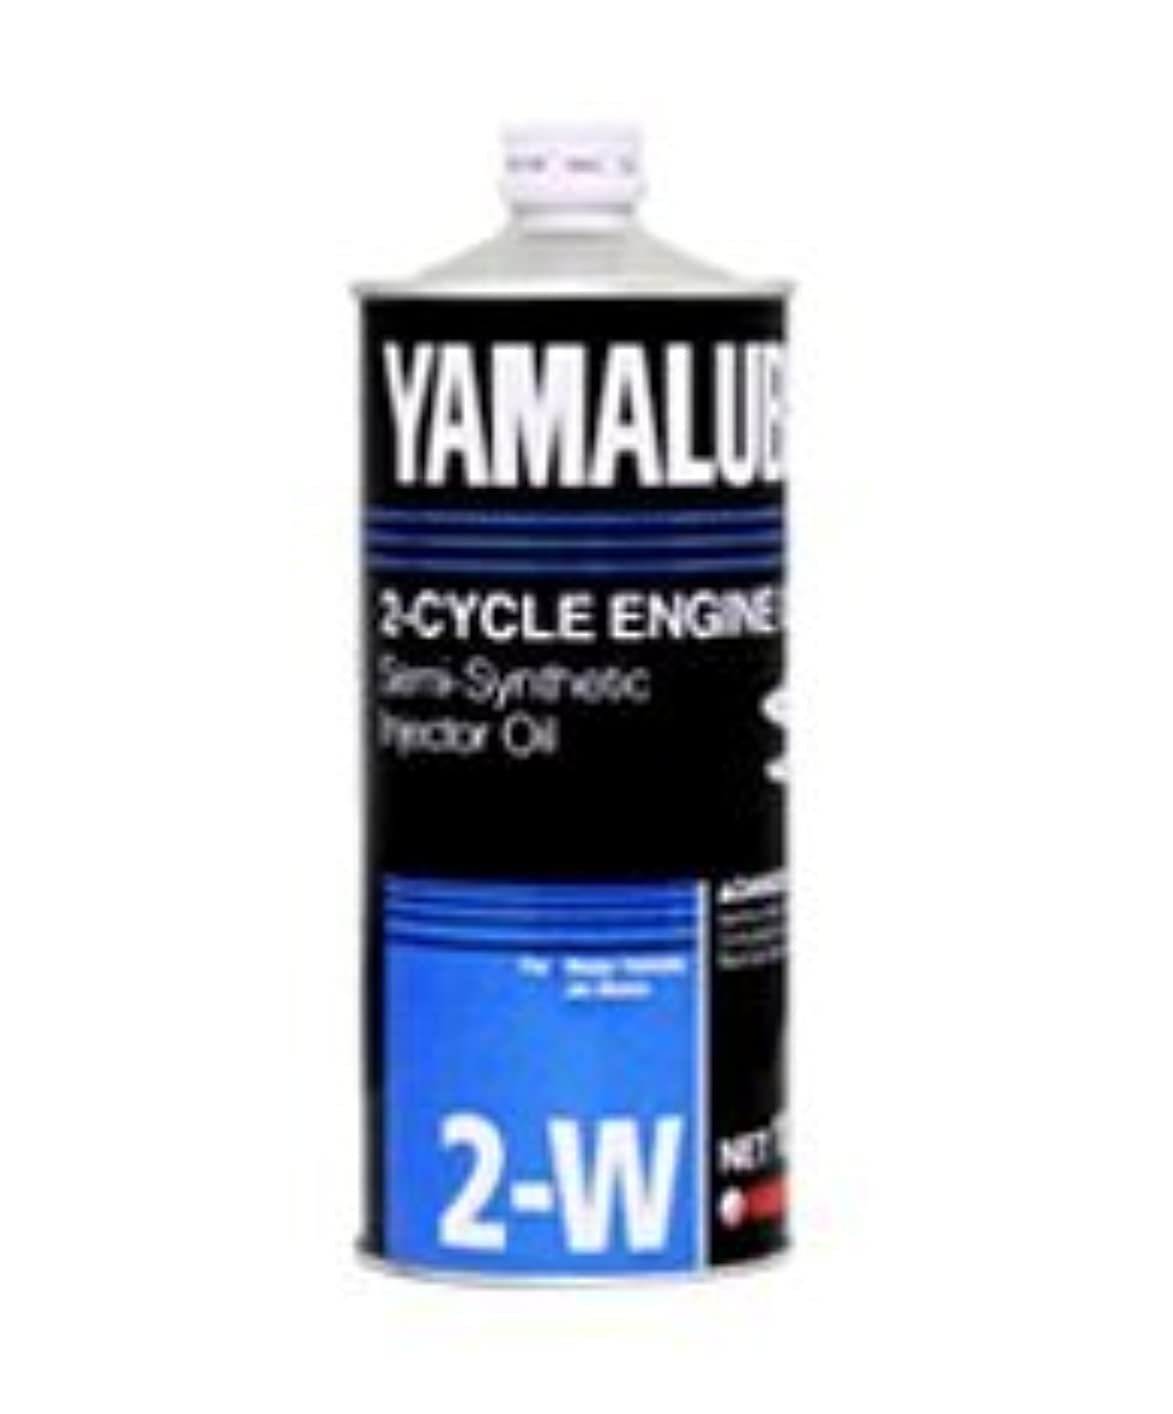 祈りイル建築YAMALUBE(ヤマルーブ) 2W (2ストローク) エンジンオイル 1L YAMAHA(ヤマハ) 90790-70425